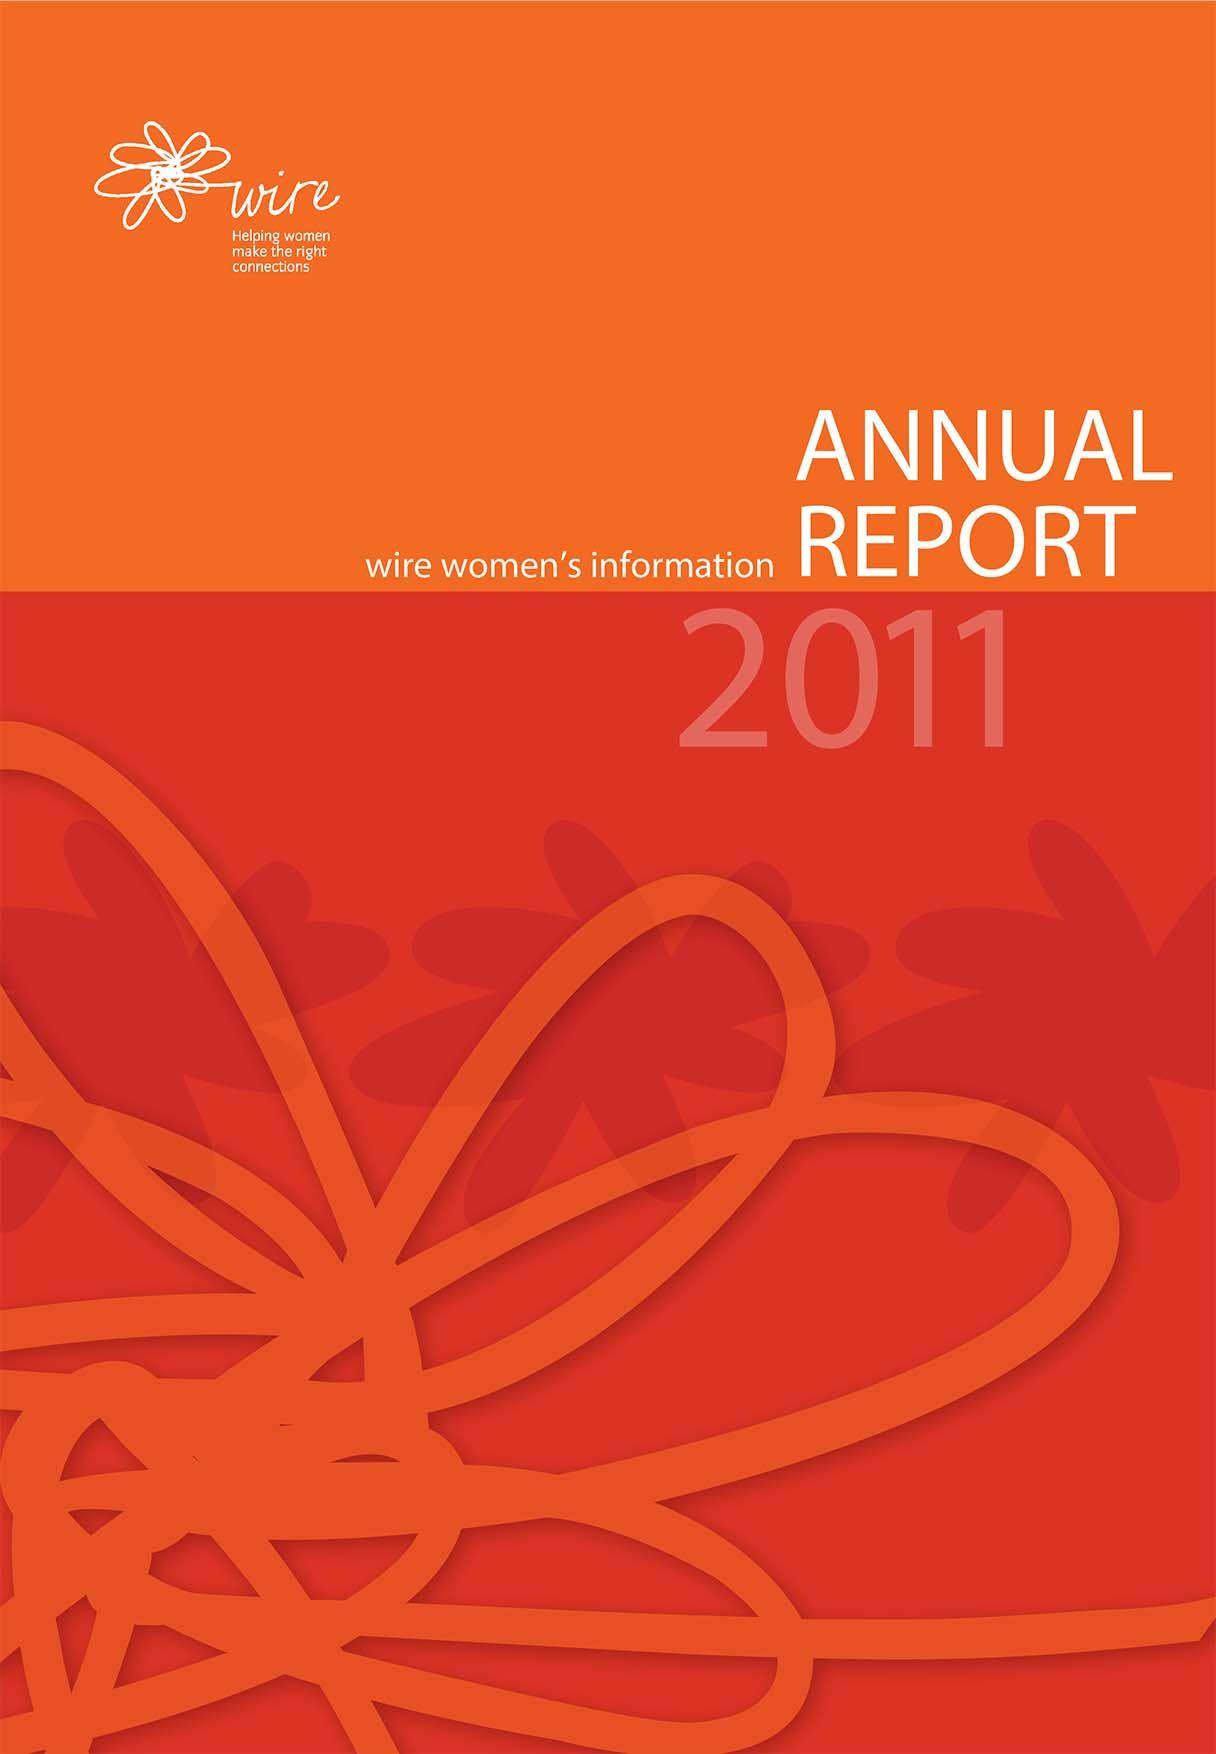 annual report cover concept cordestra graphicdesign annualreports